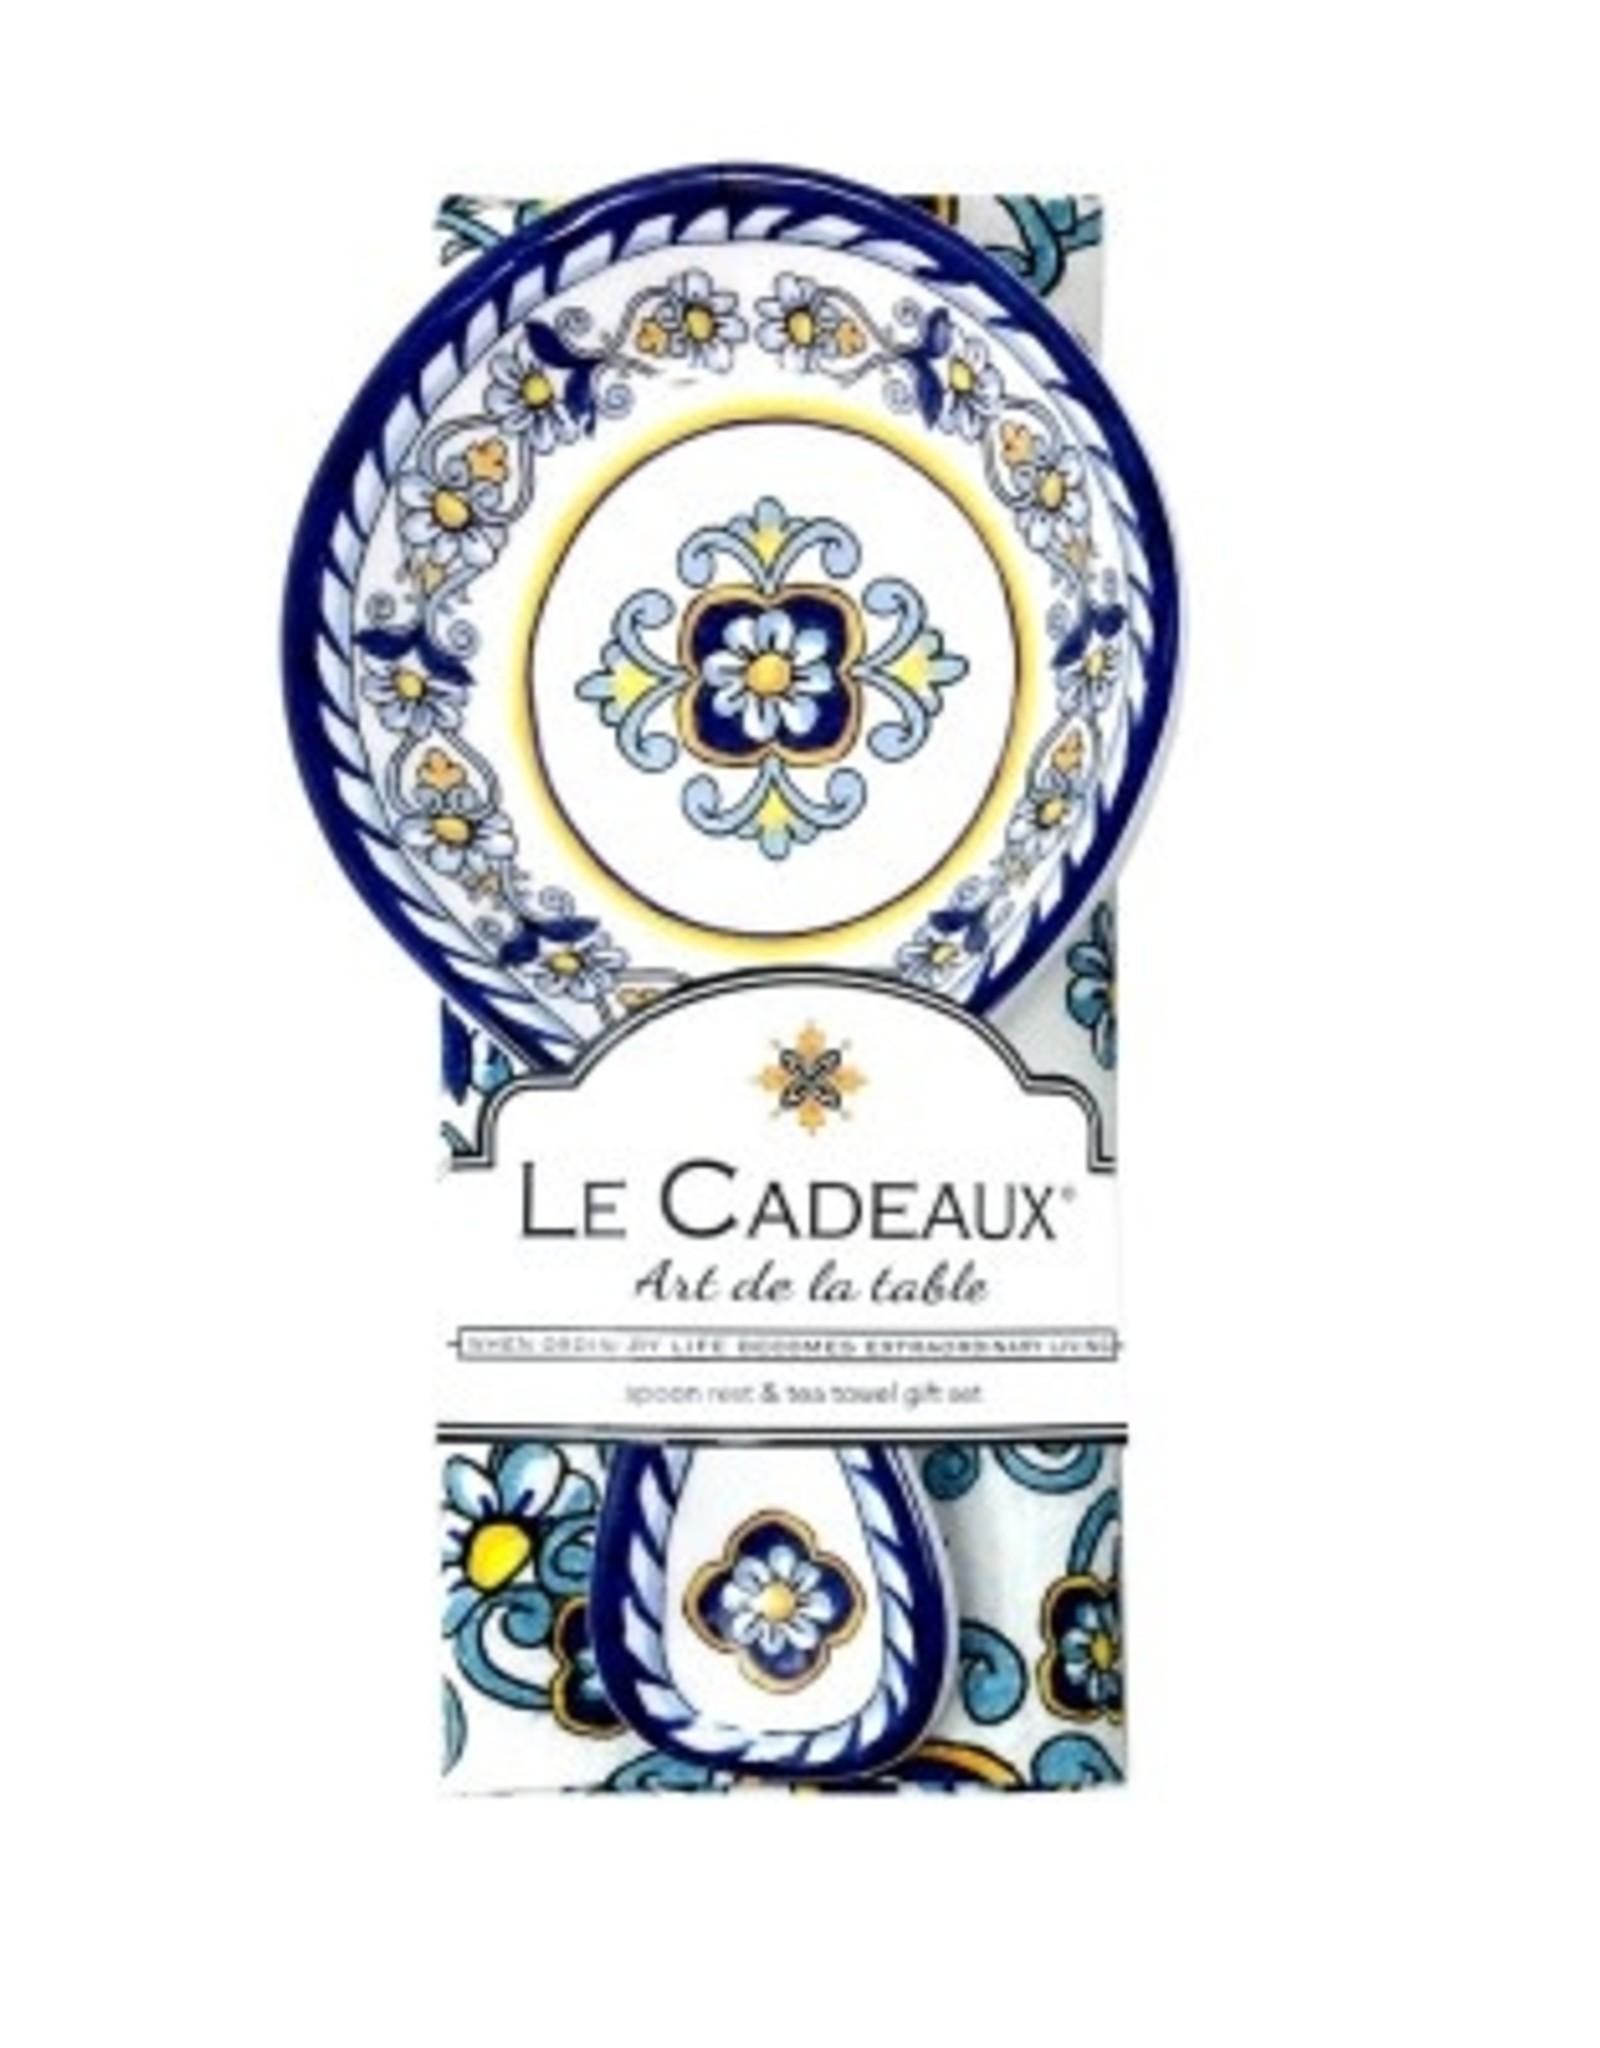 Le Cadeaux Le Cadeux Spoon Rest With Tea Towel